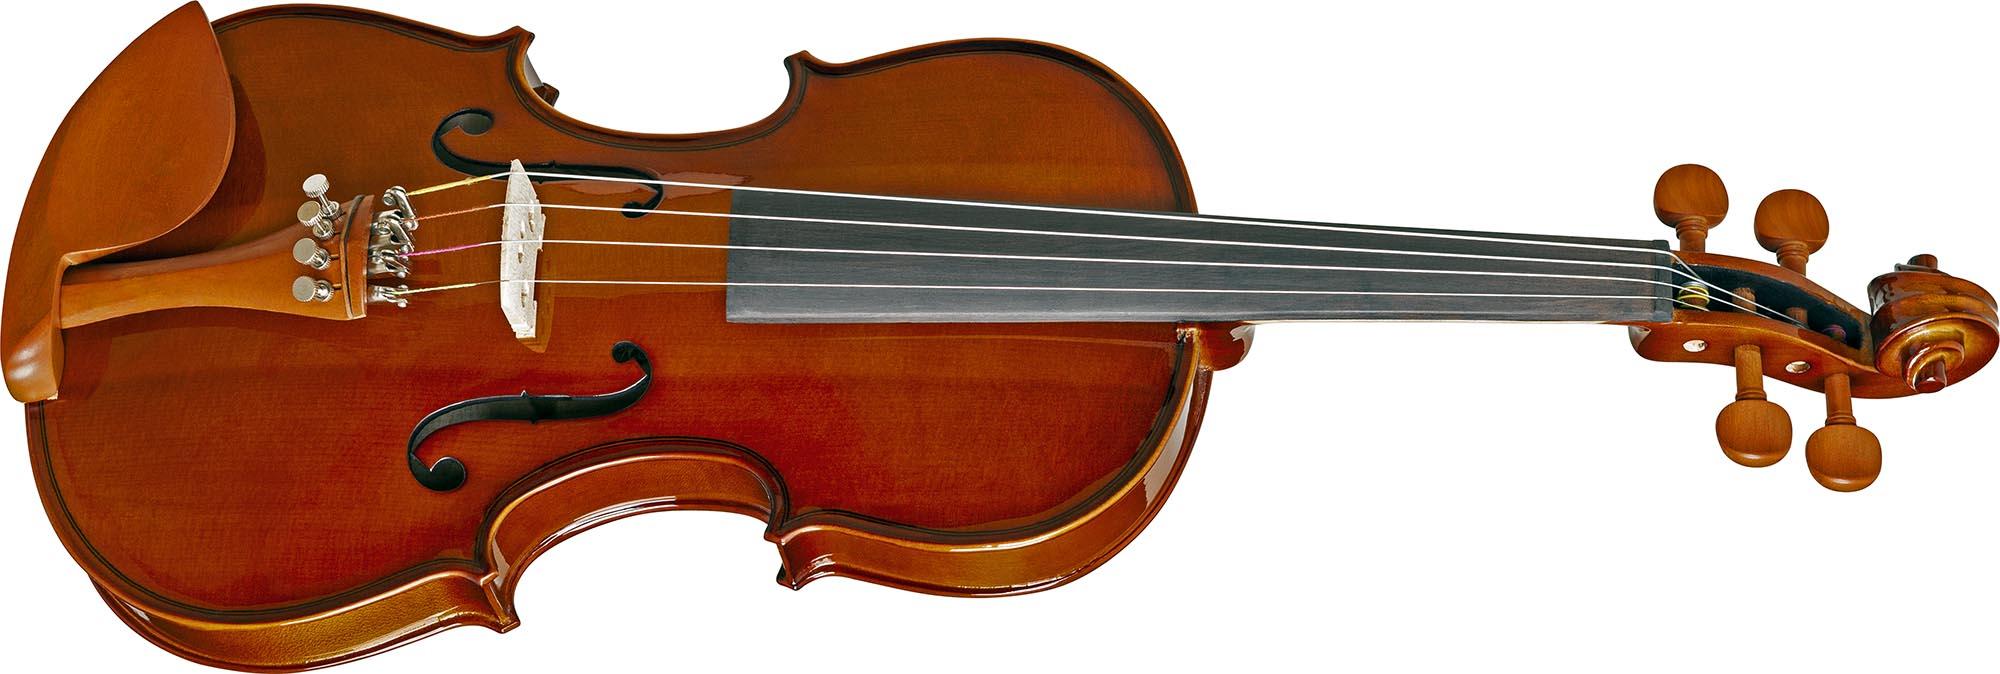 ve431 violino eagle ve431 visao frontal